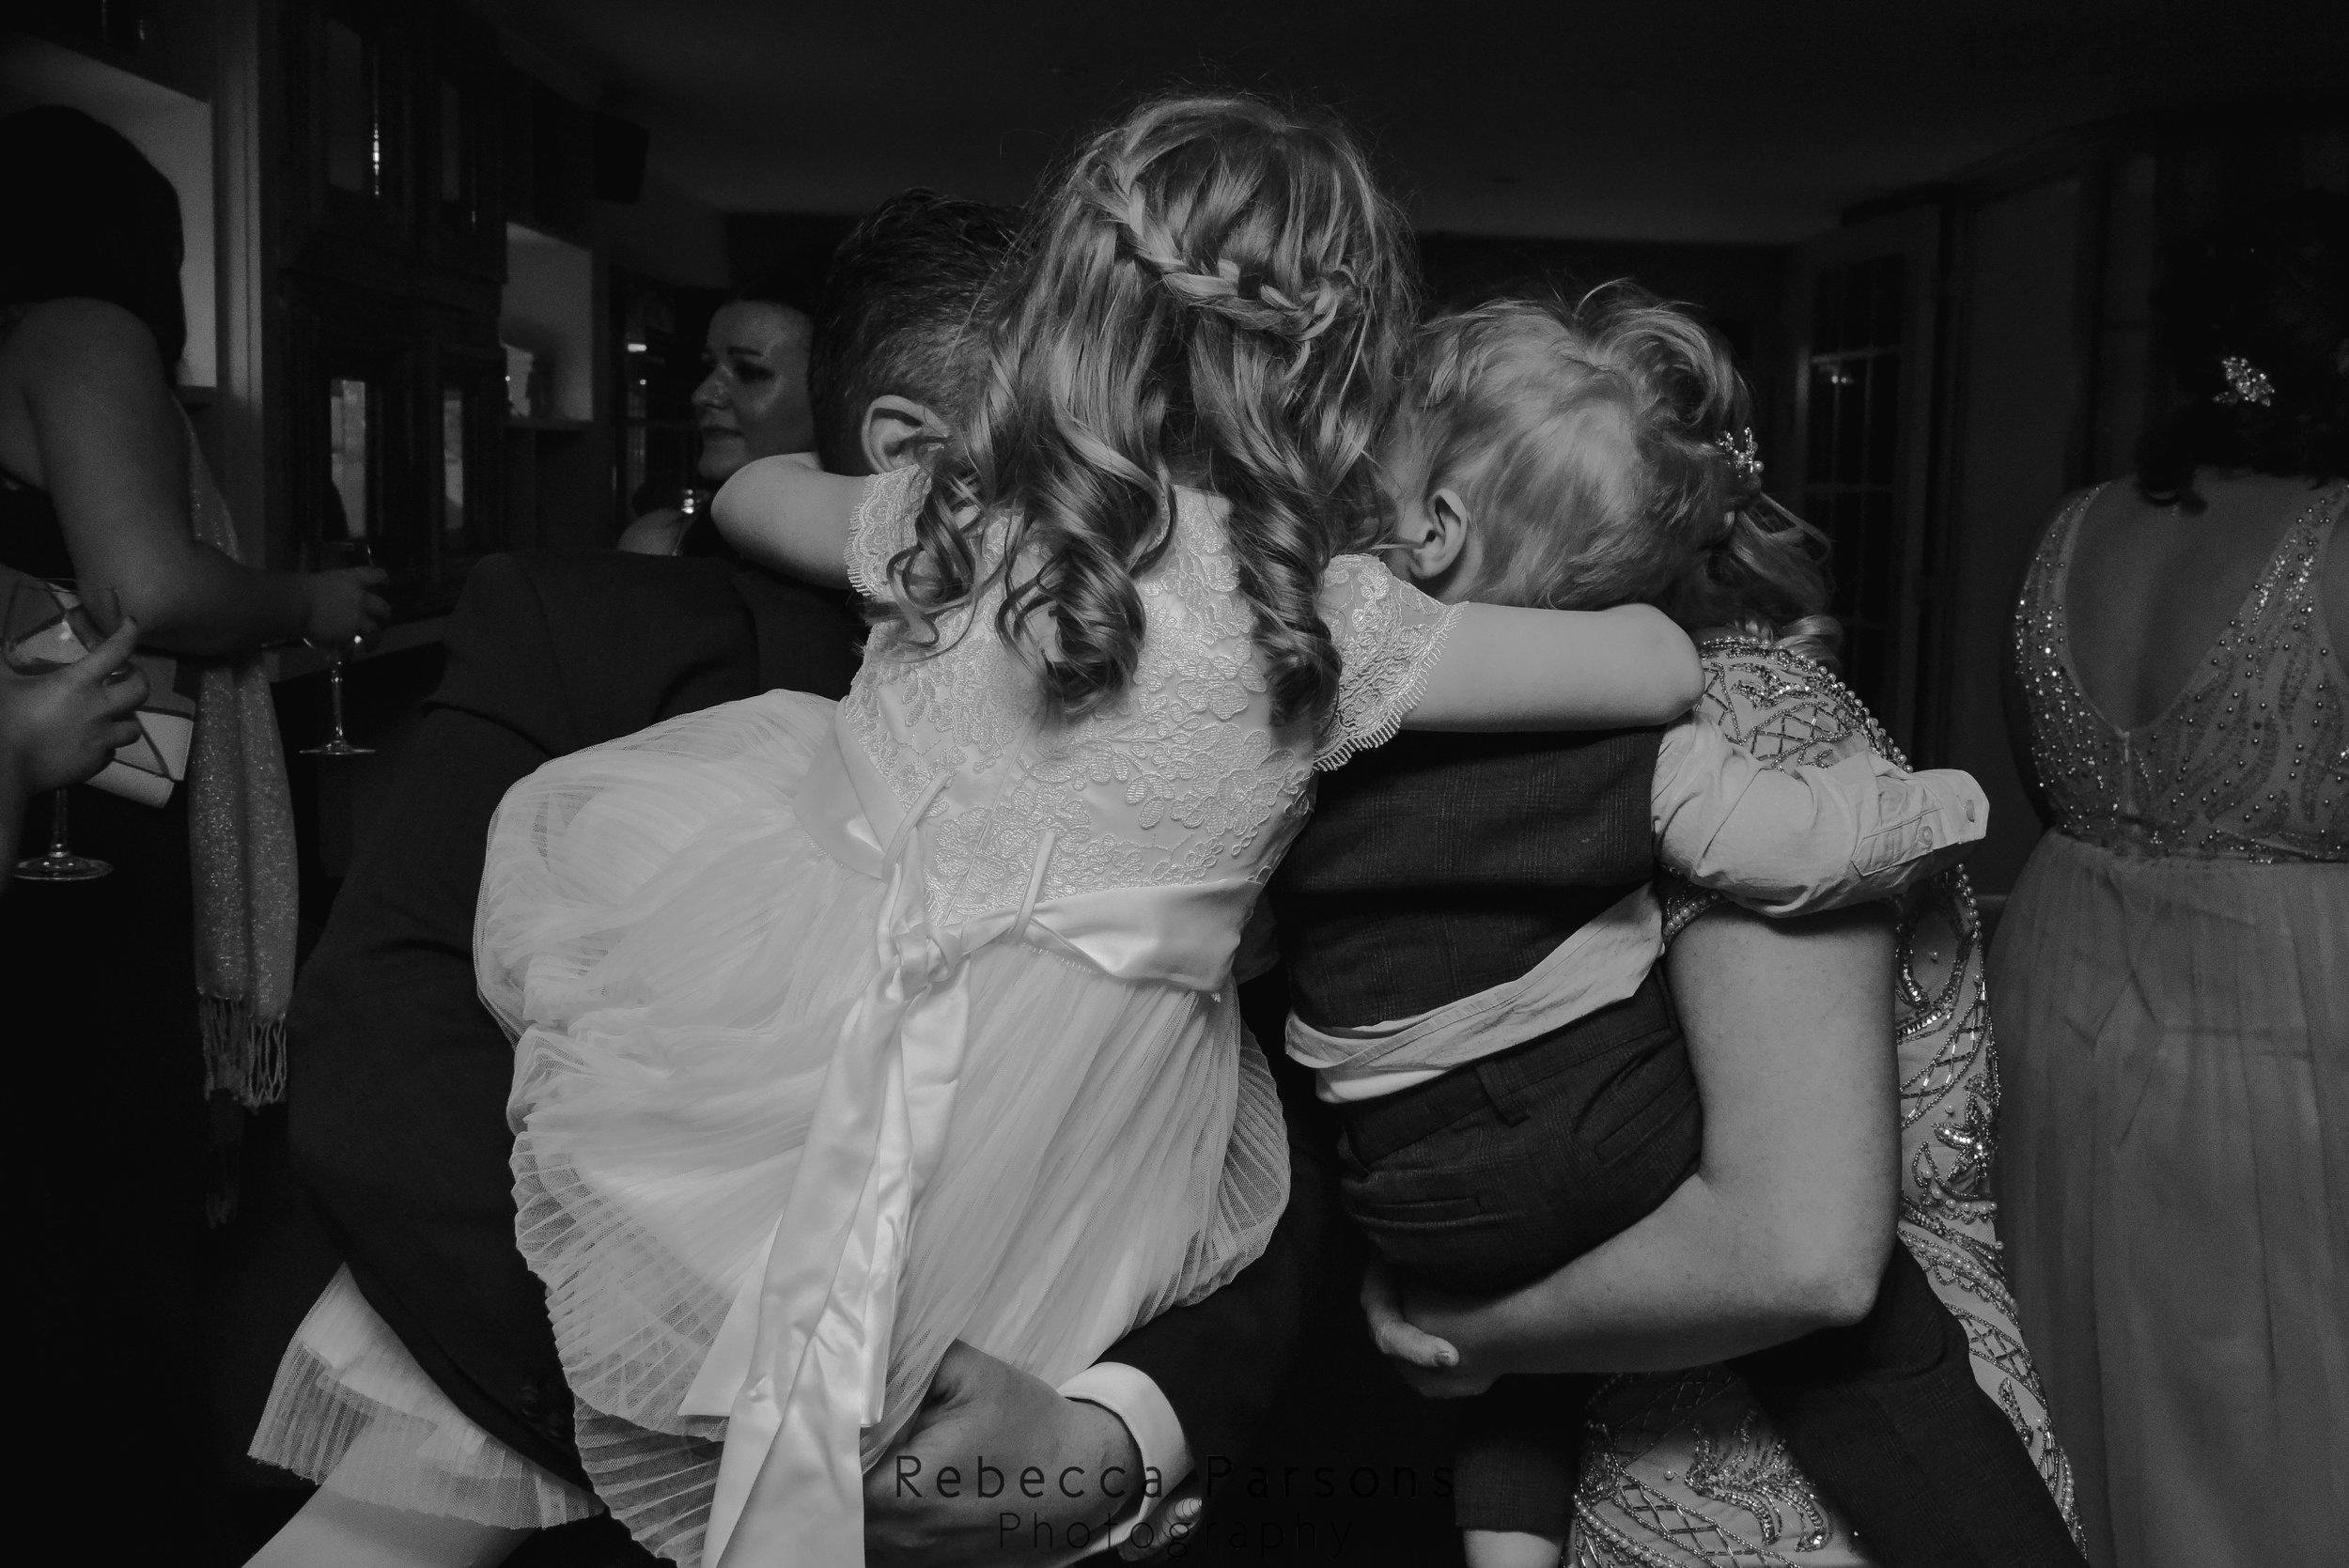 family hugging on dance floor black and white